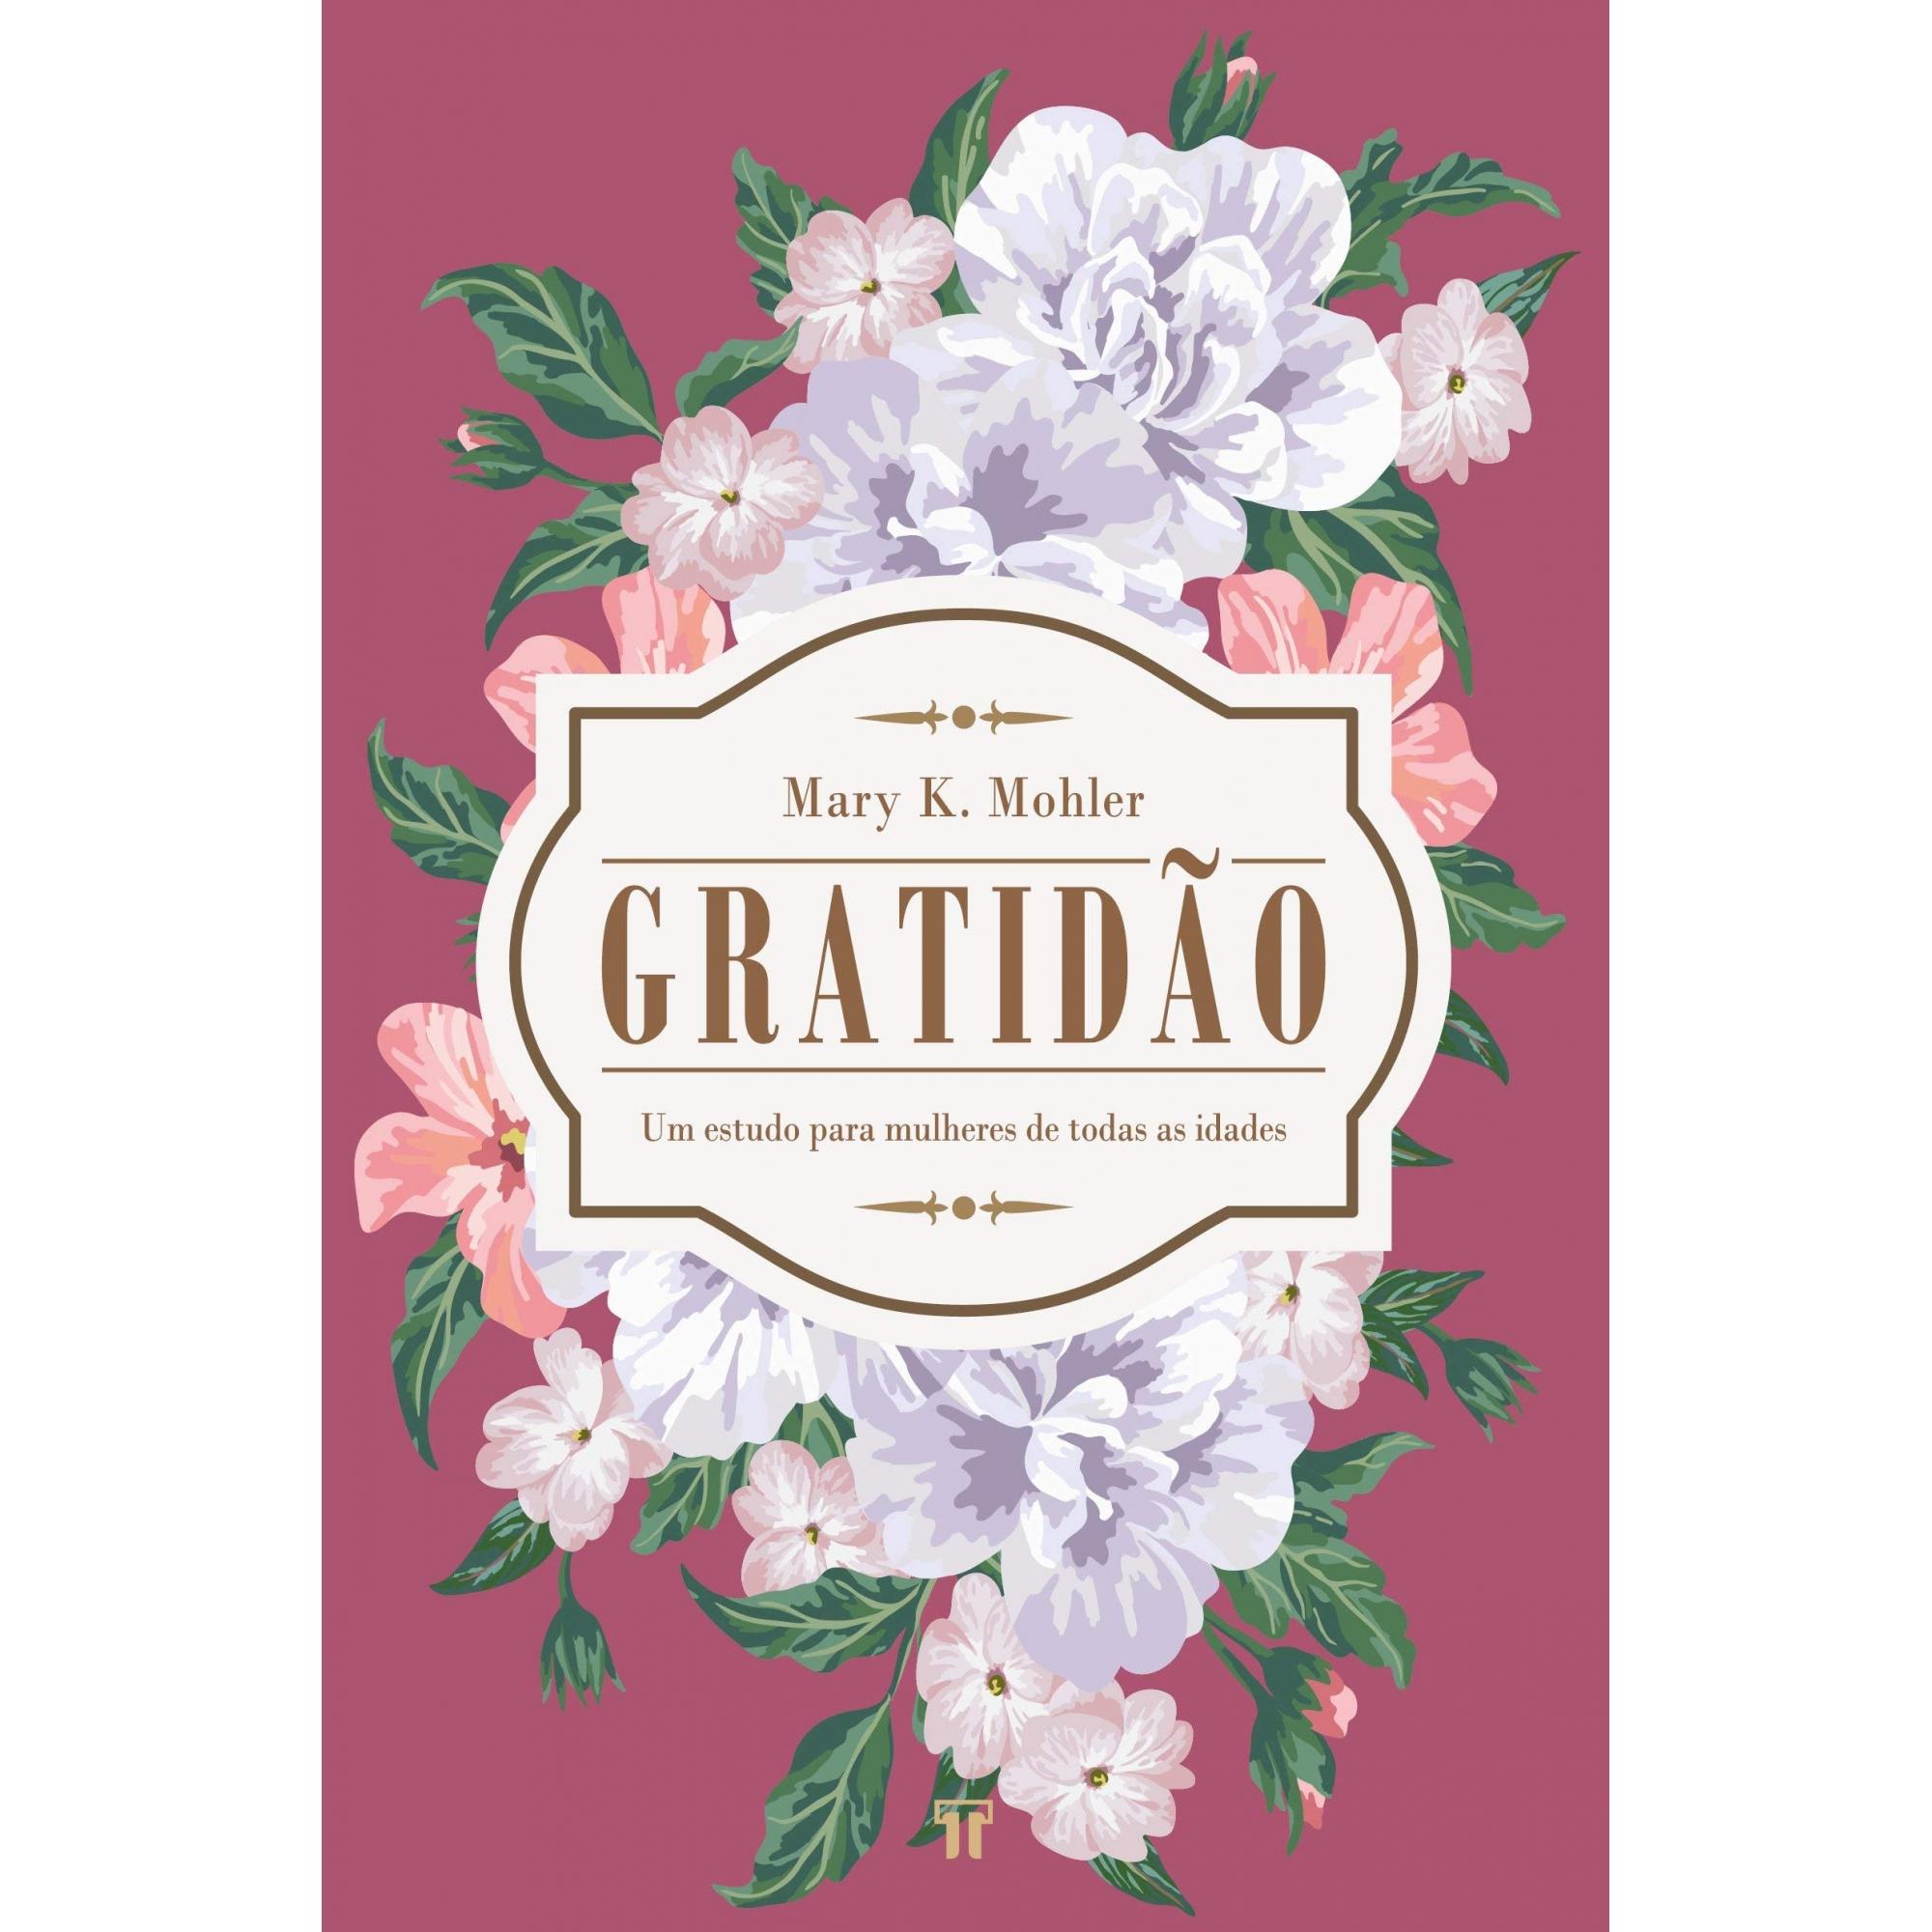 GRATIDÃO - MARY K. MOHLER